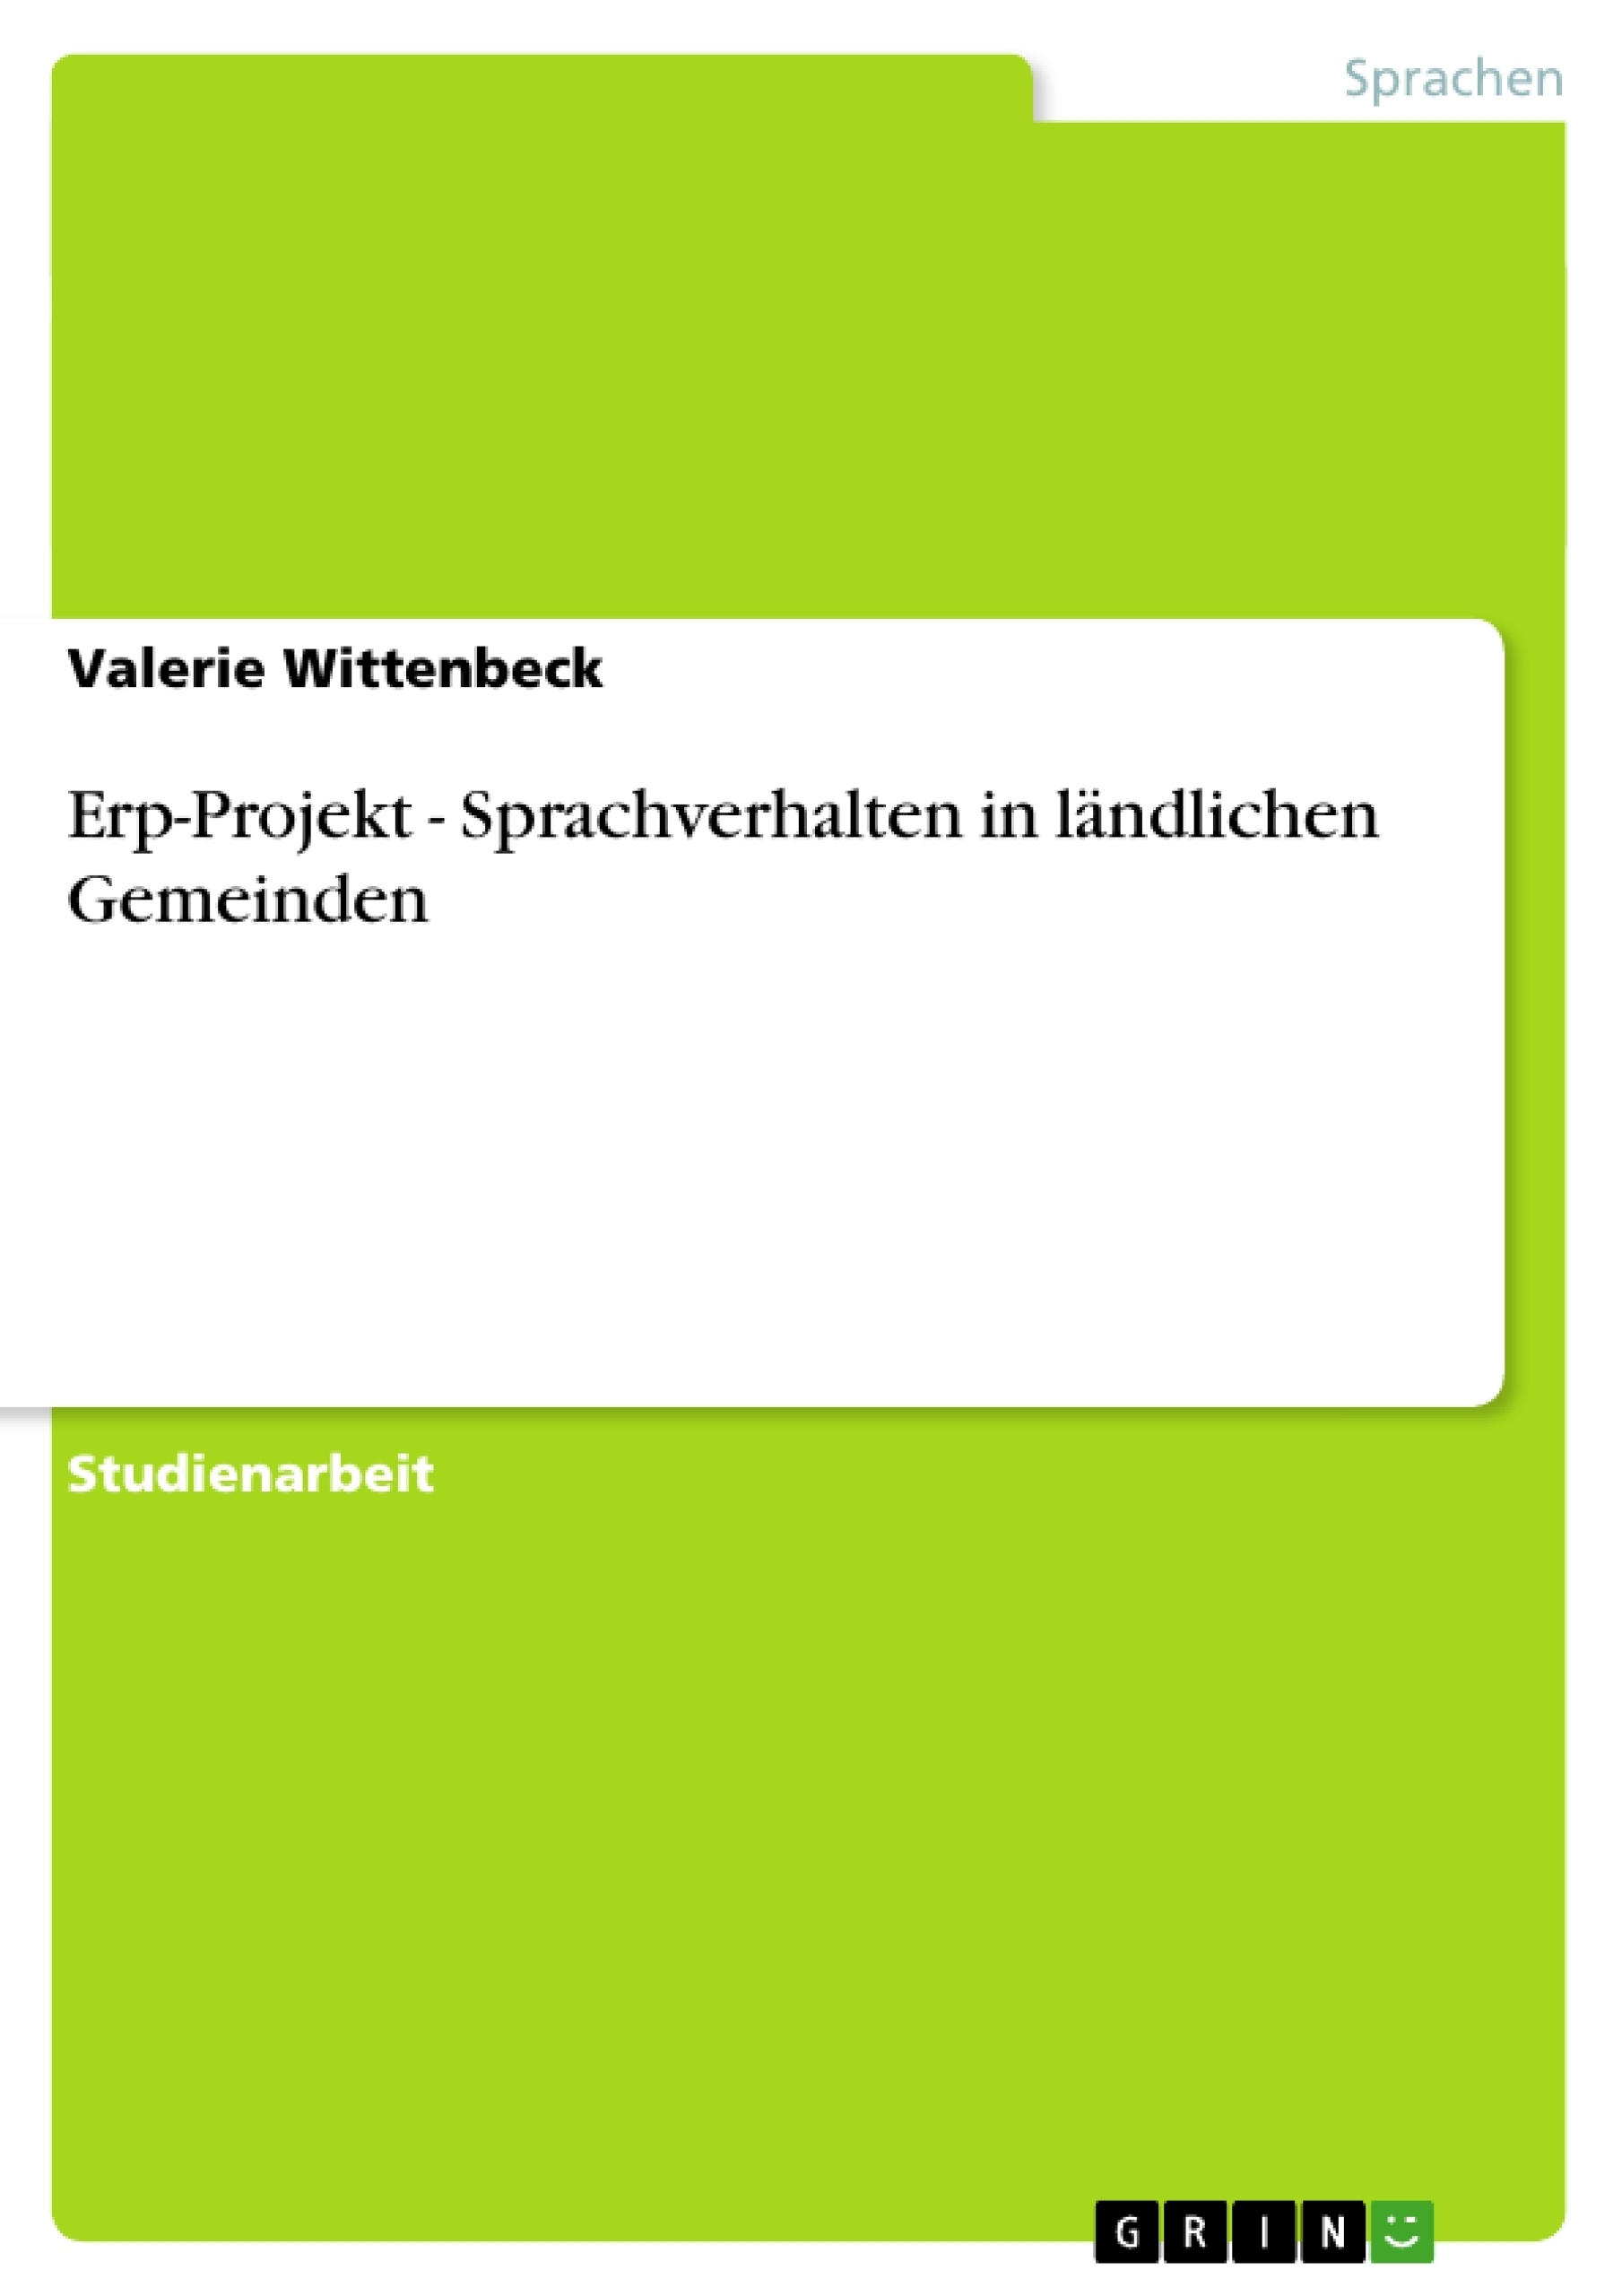 Titel: Erp-Projekt - Sprachverhalten in ländlichen Gemeinden